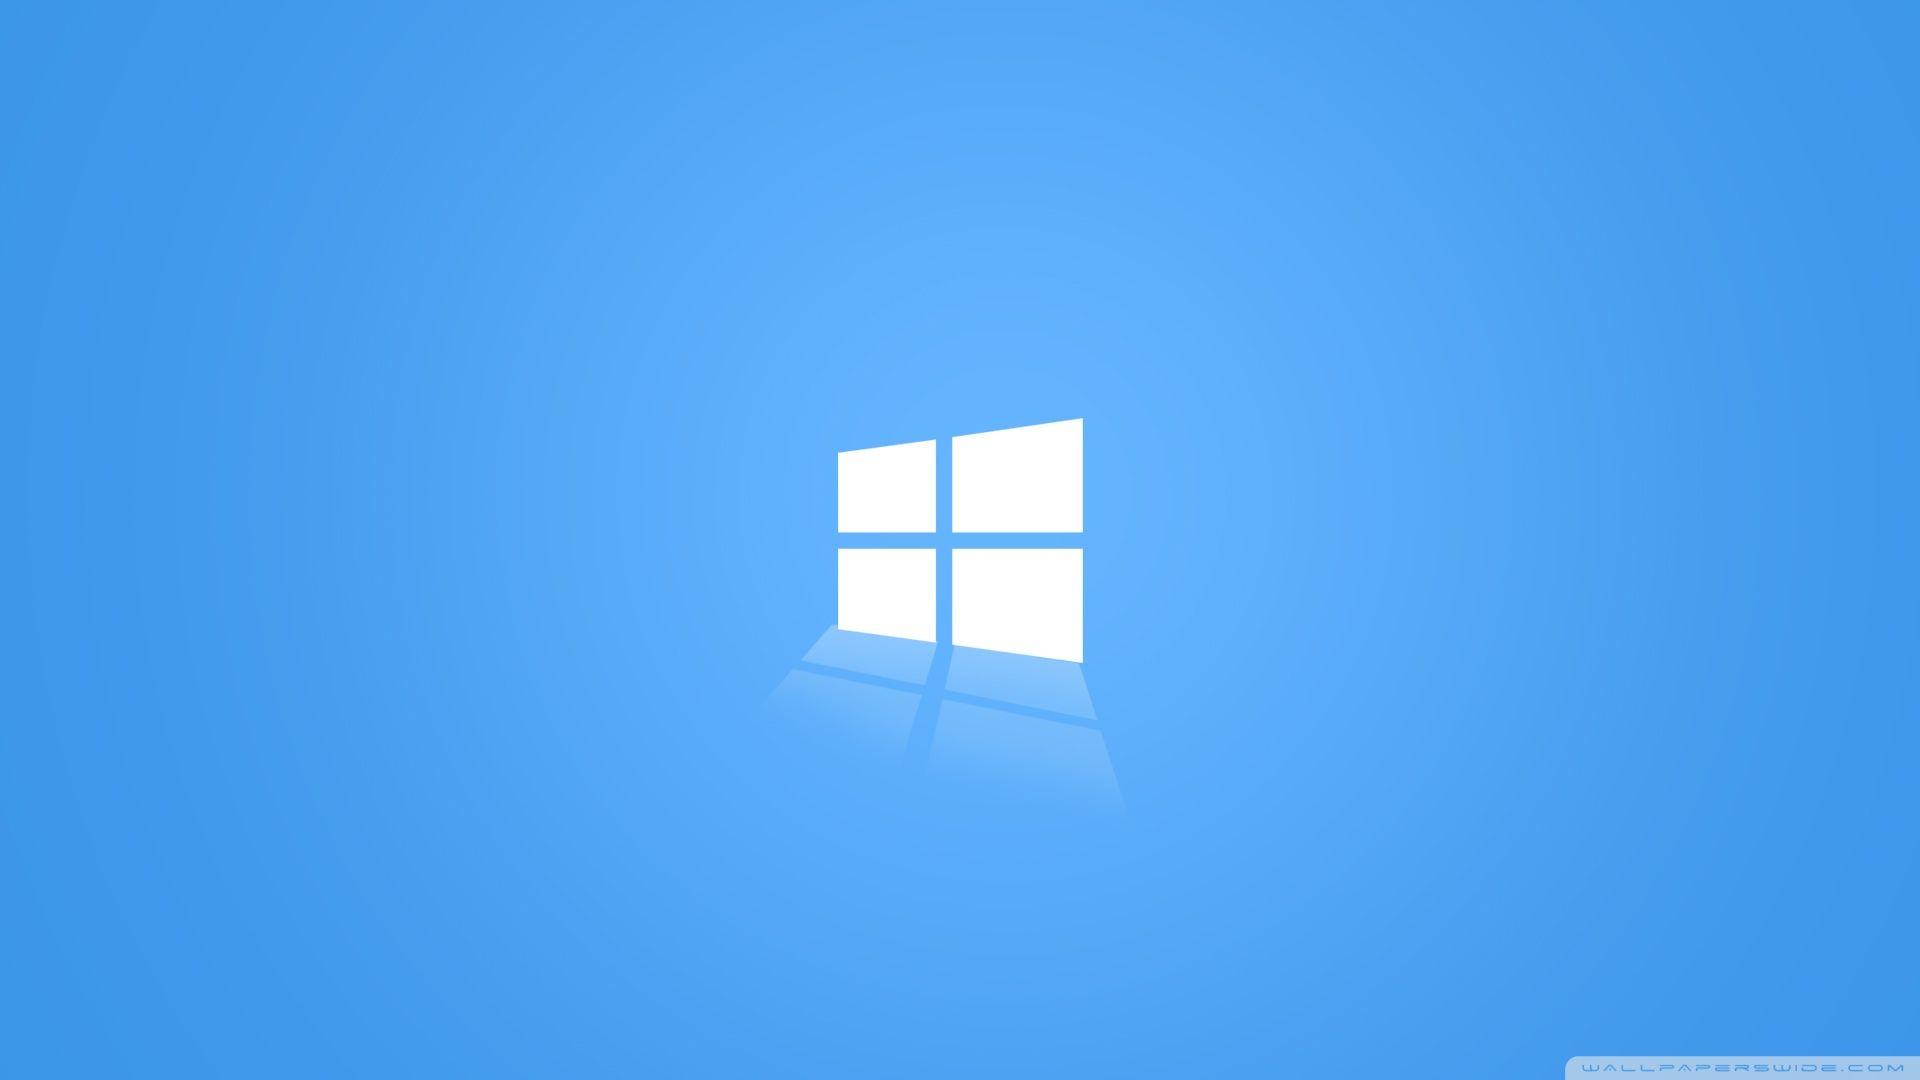 windows blue hd desktop wallpaper widescreen high